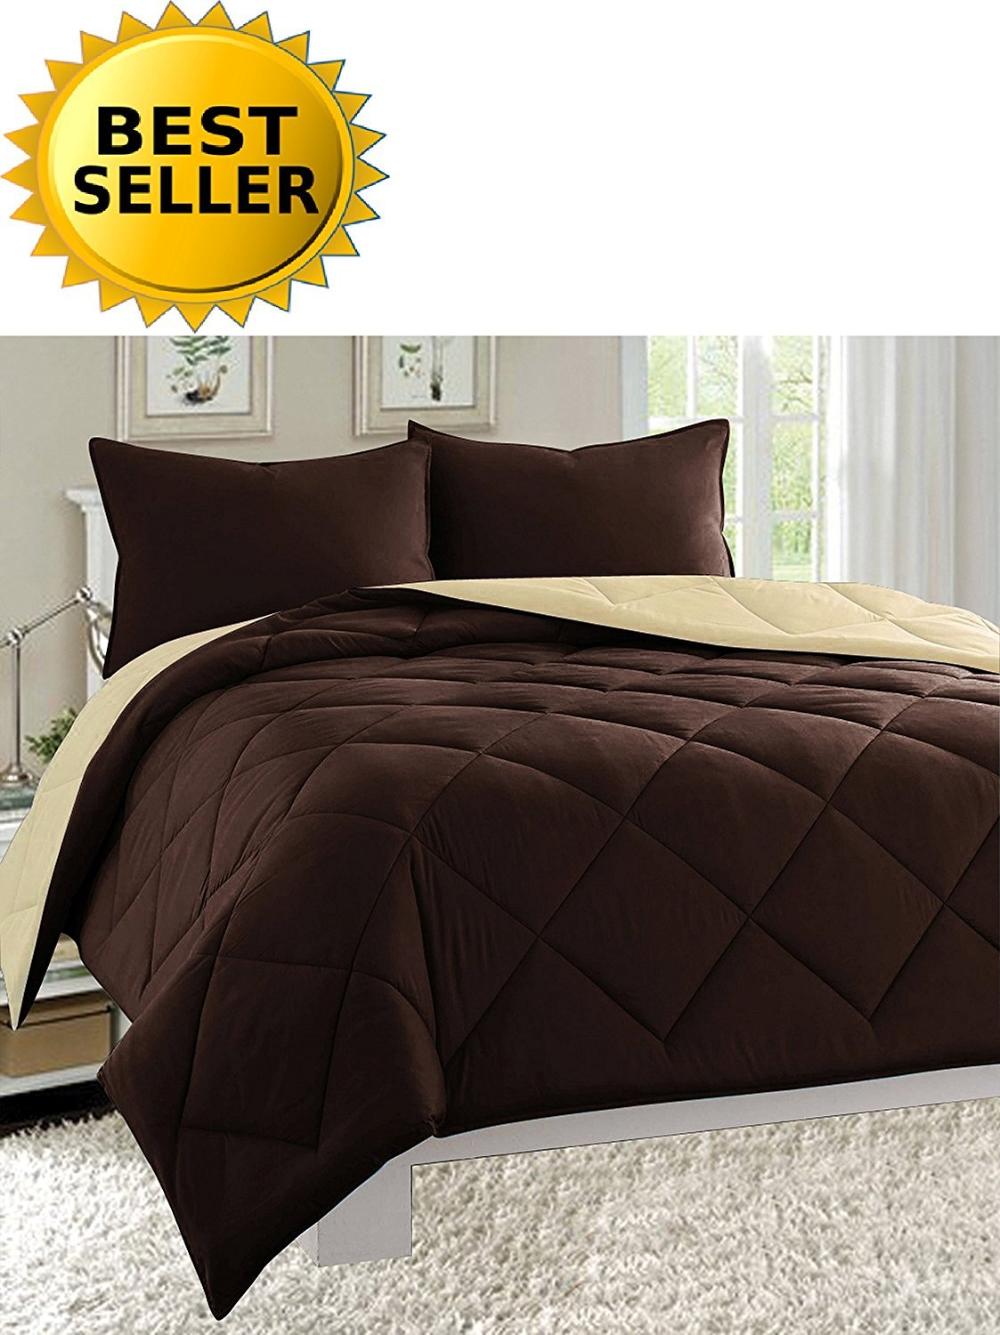 Black Friday Bedding Sets Deals Ease Bedding With Style In 2020 Black Friday Bedding Comforter Sets Bedding Sets